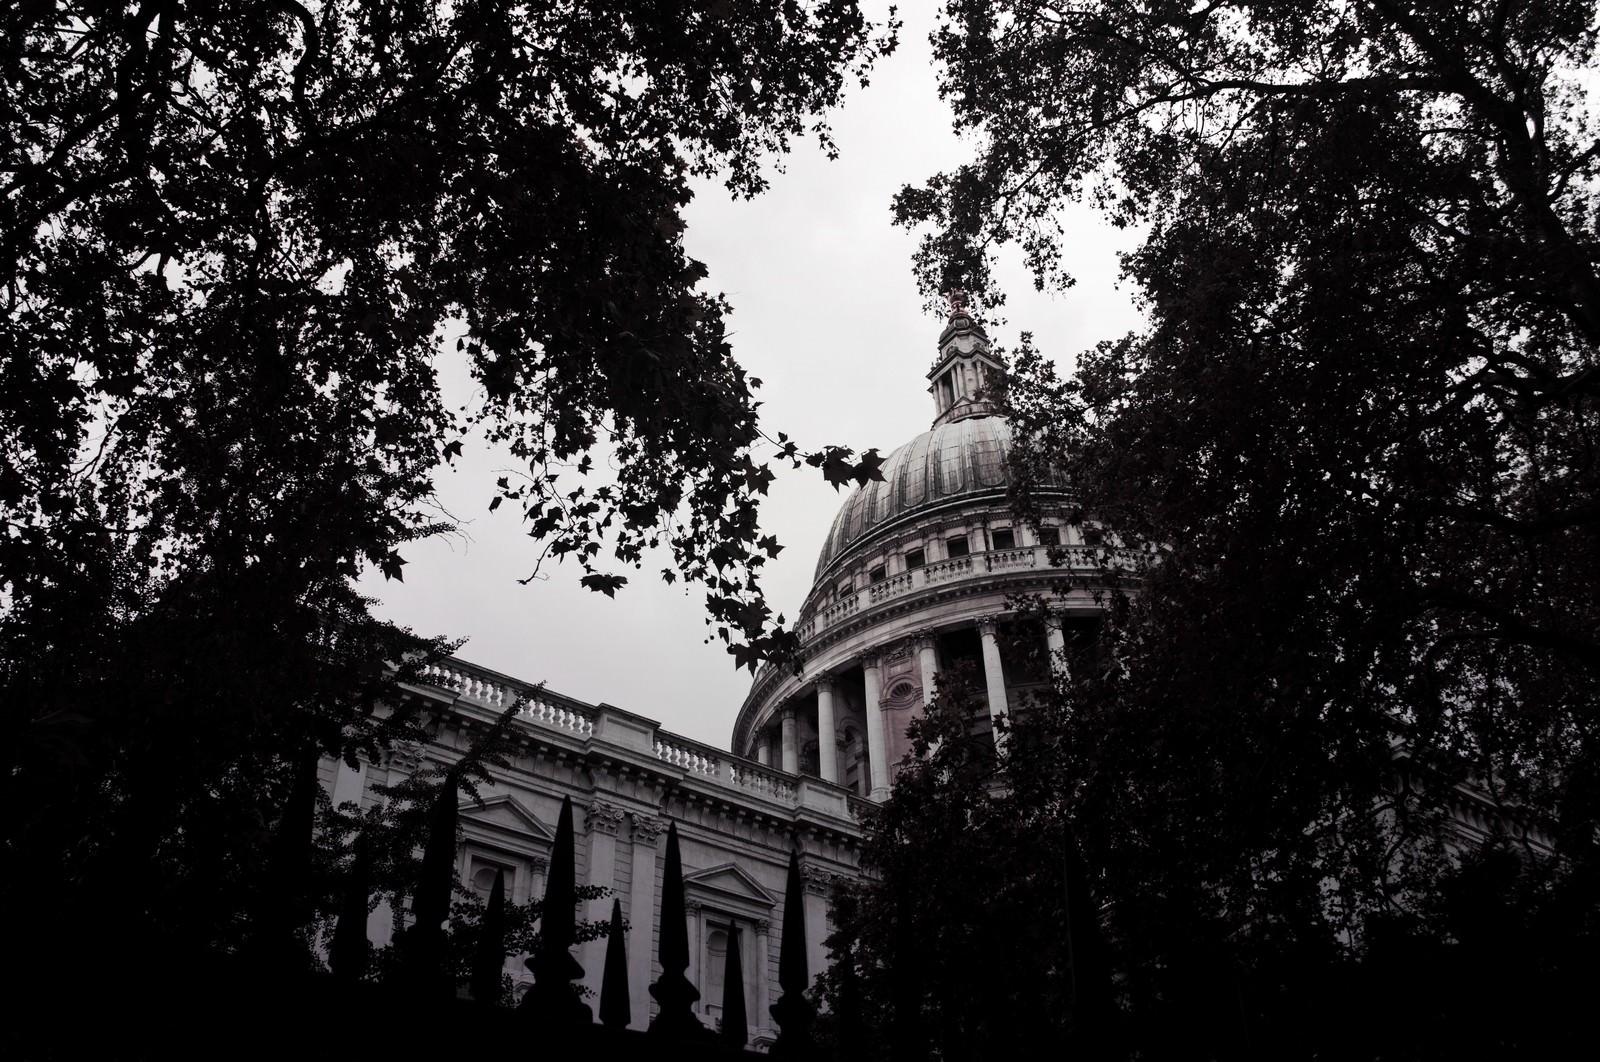 「木々の合間から見える洋館(ロンドン)」の写真